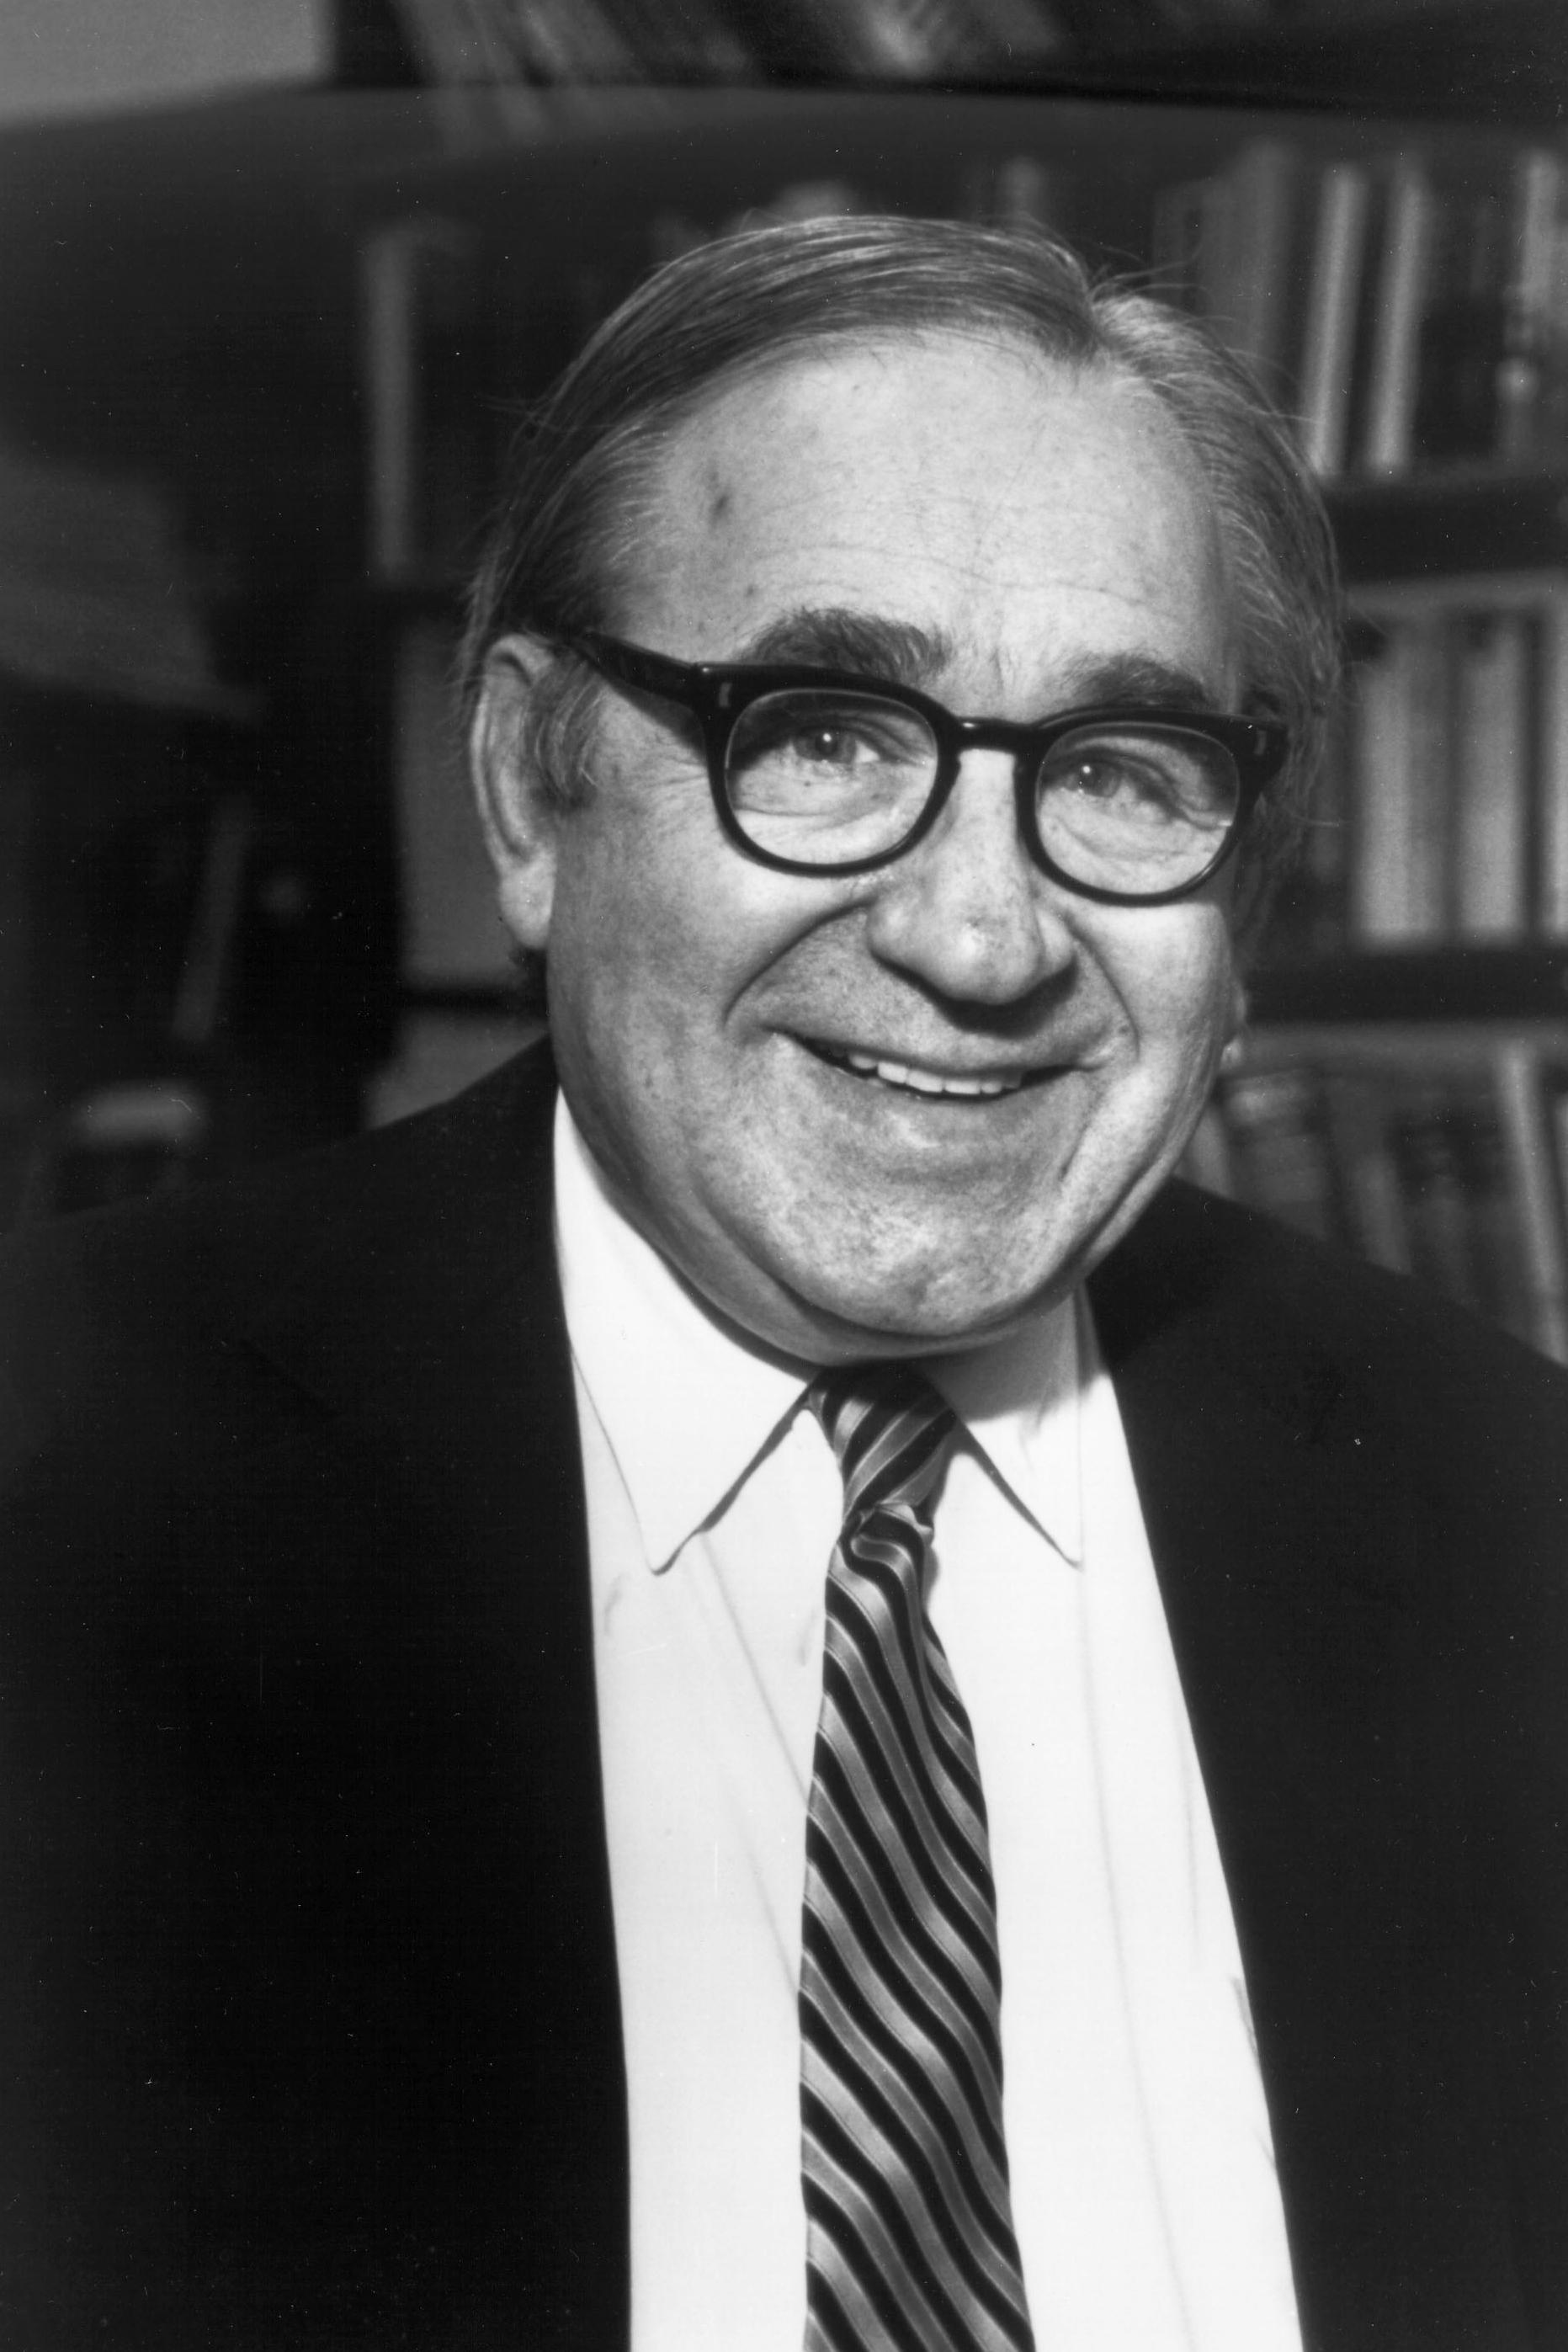 Dr Carl Roy Virginia Beach